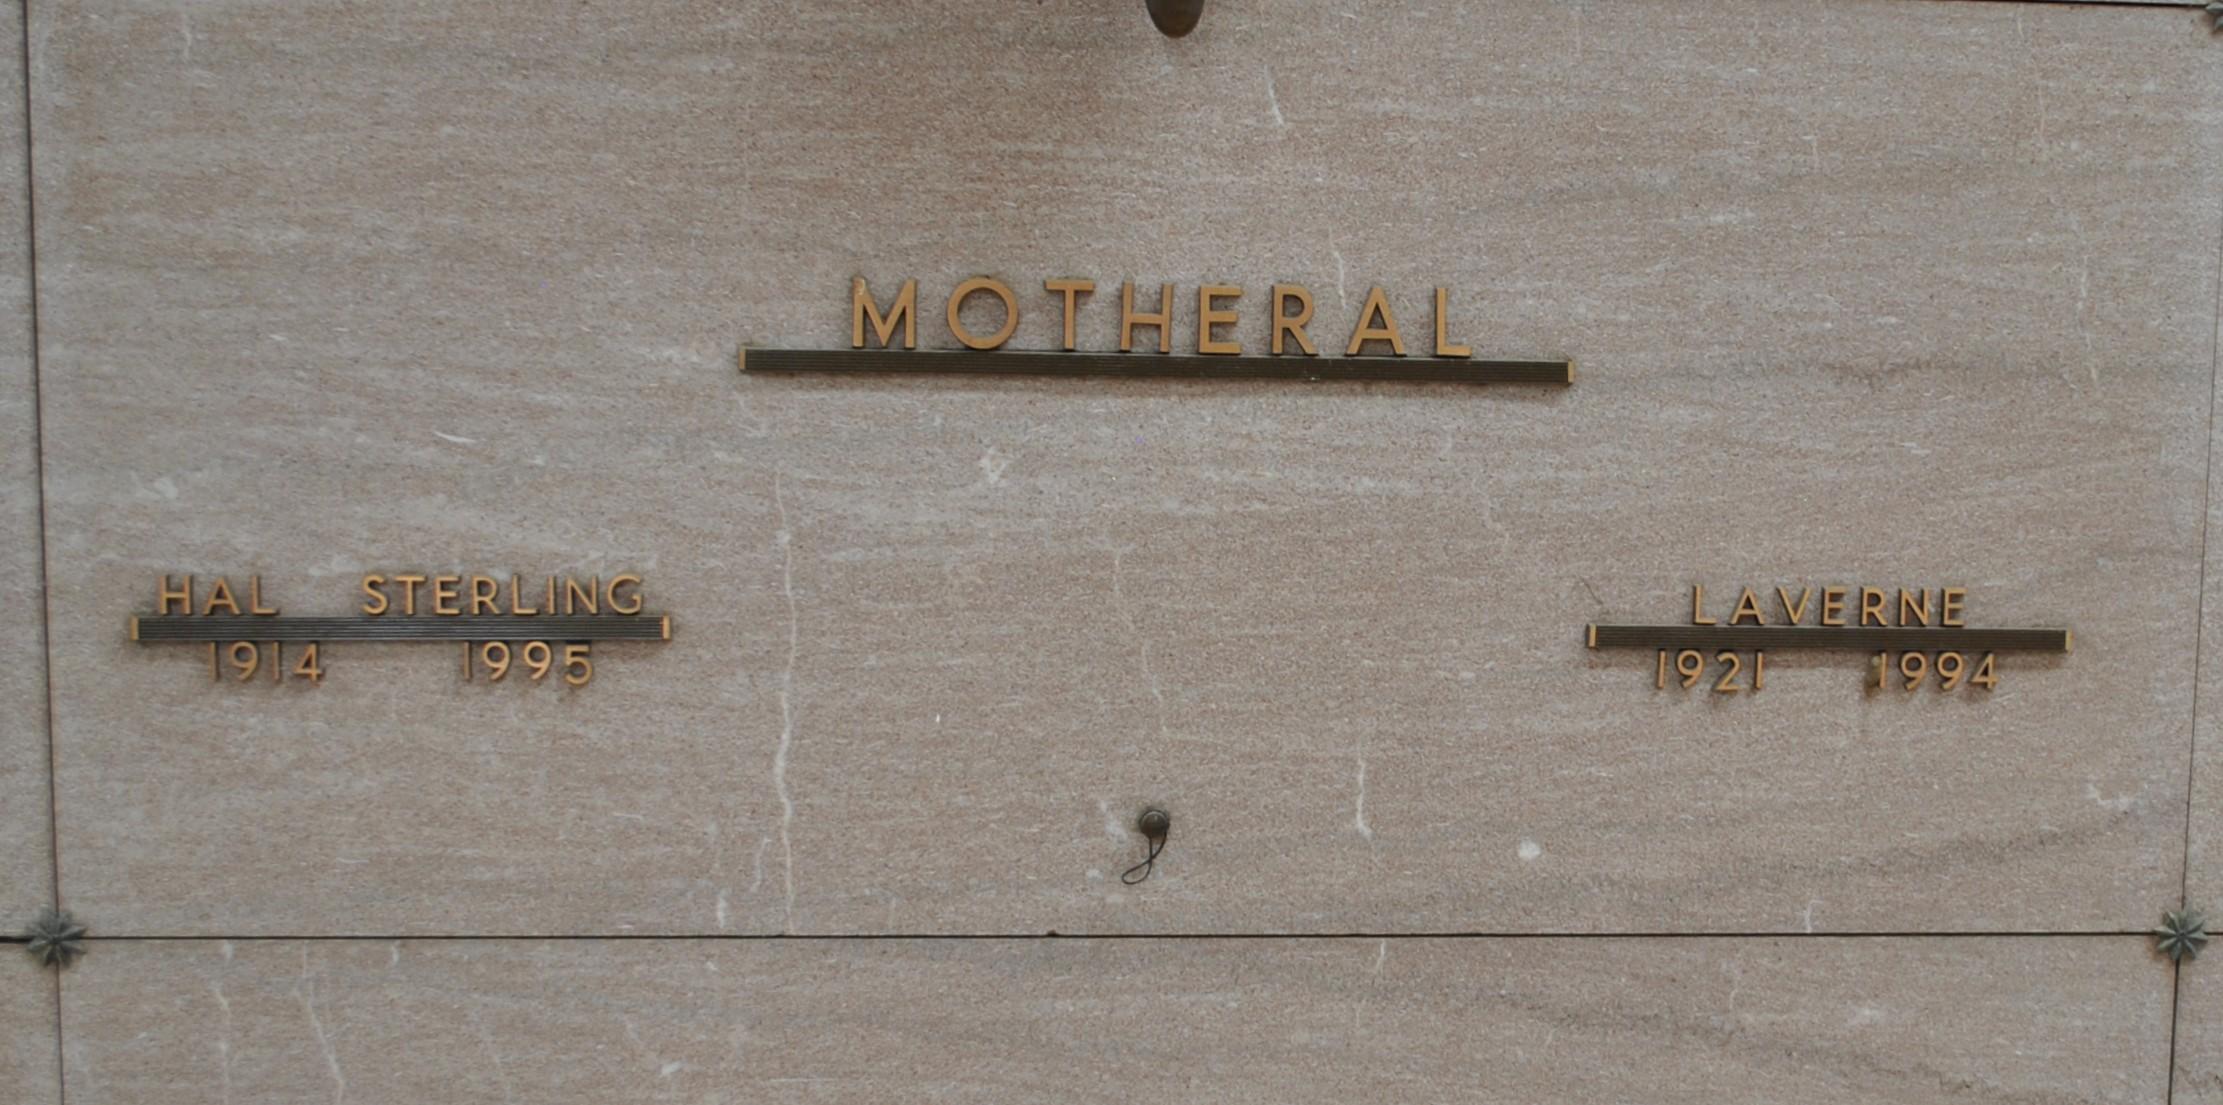 Laverne Motheral